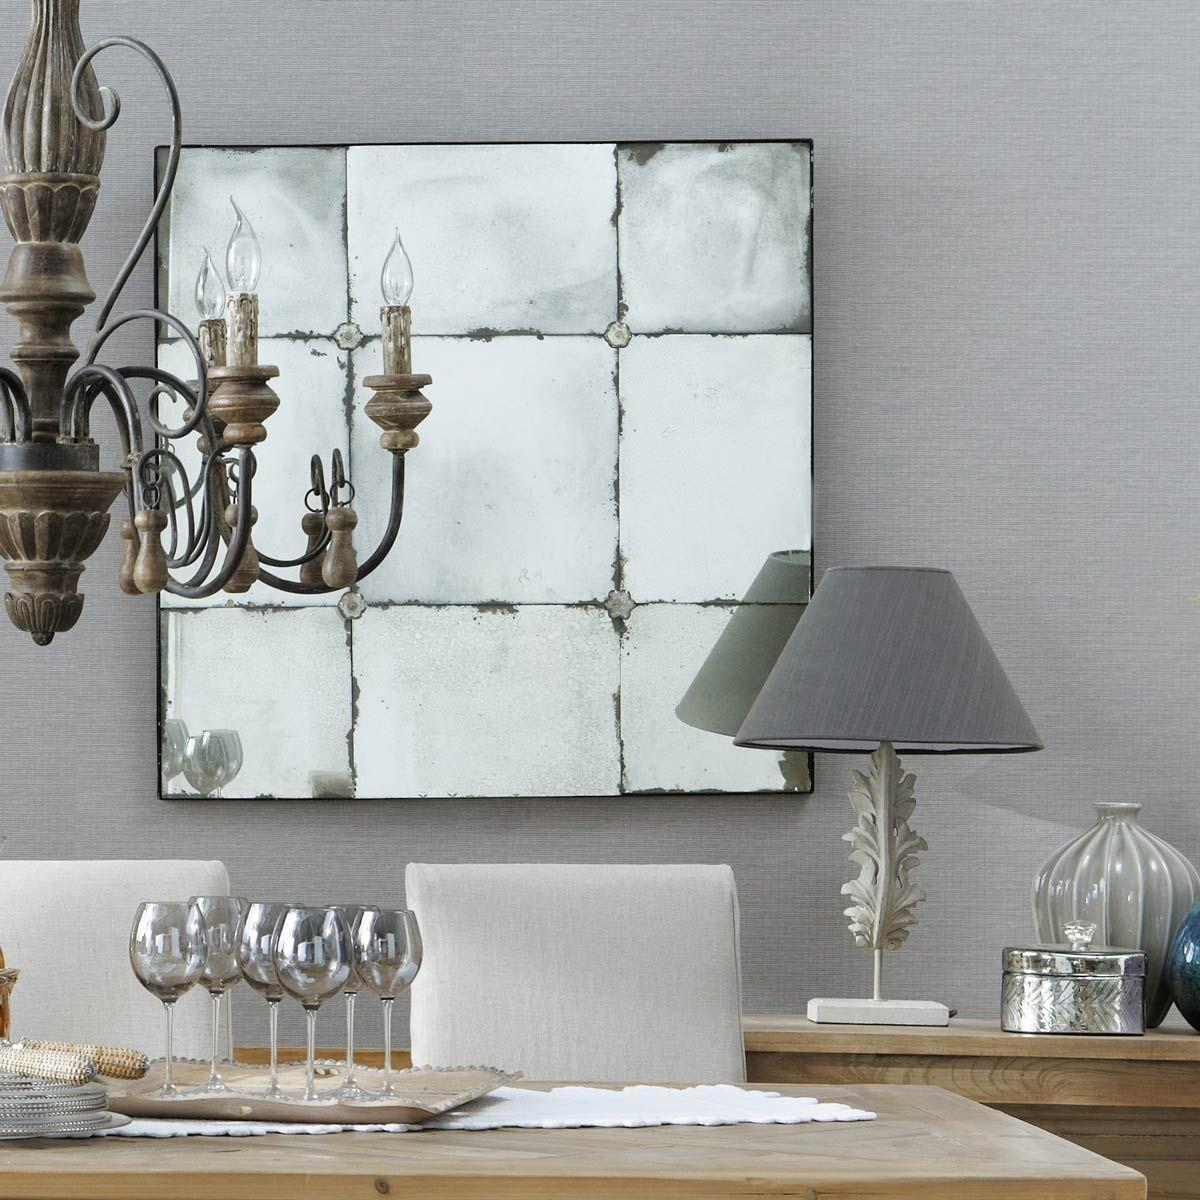 Decorative mirrors for dining room espejo con efecto envejecido al  cm angelina  decor  pinterest